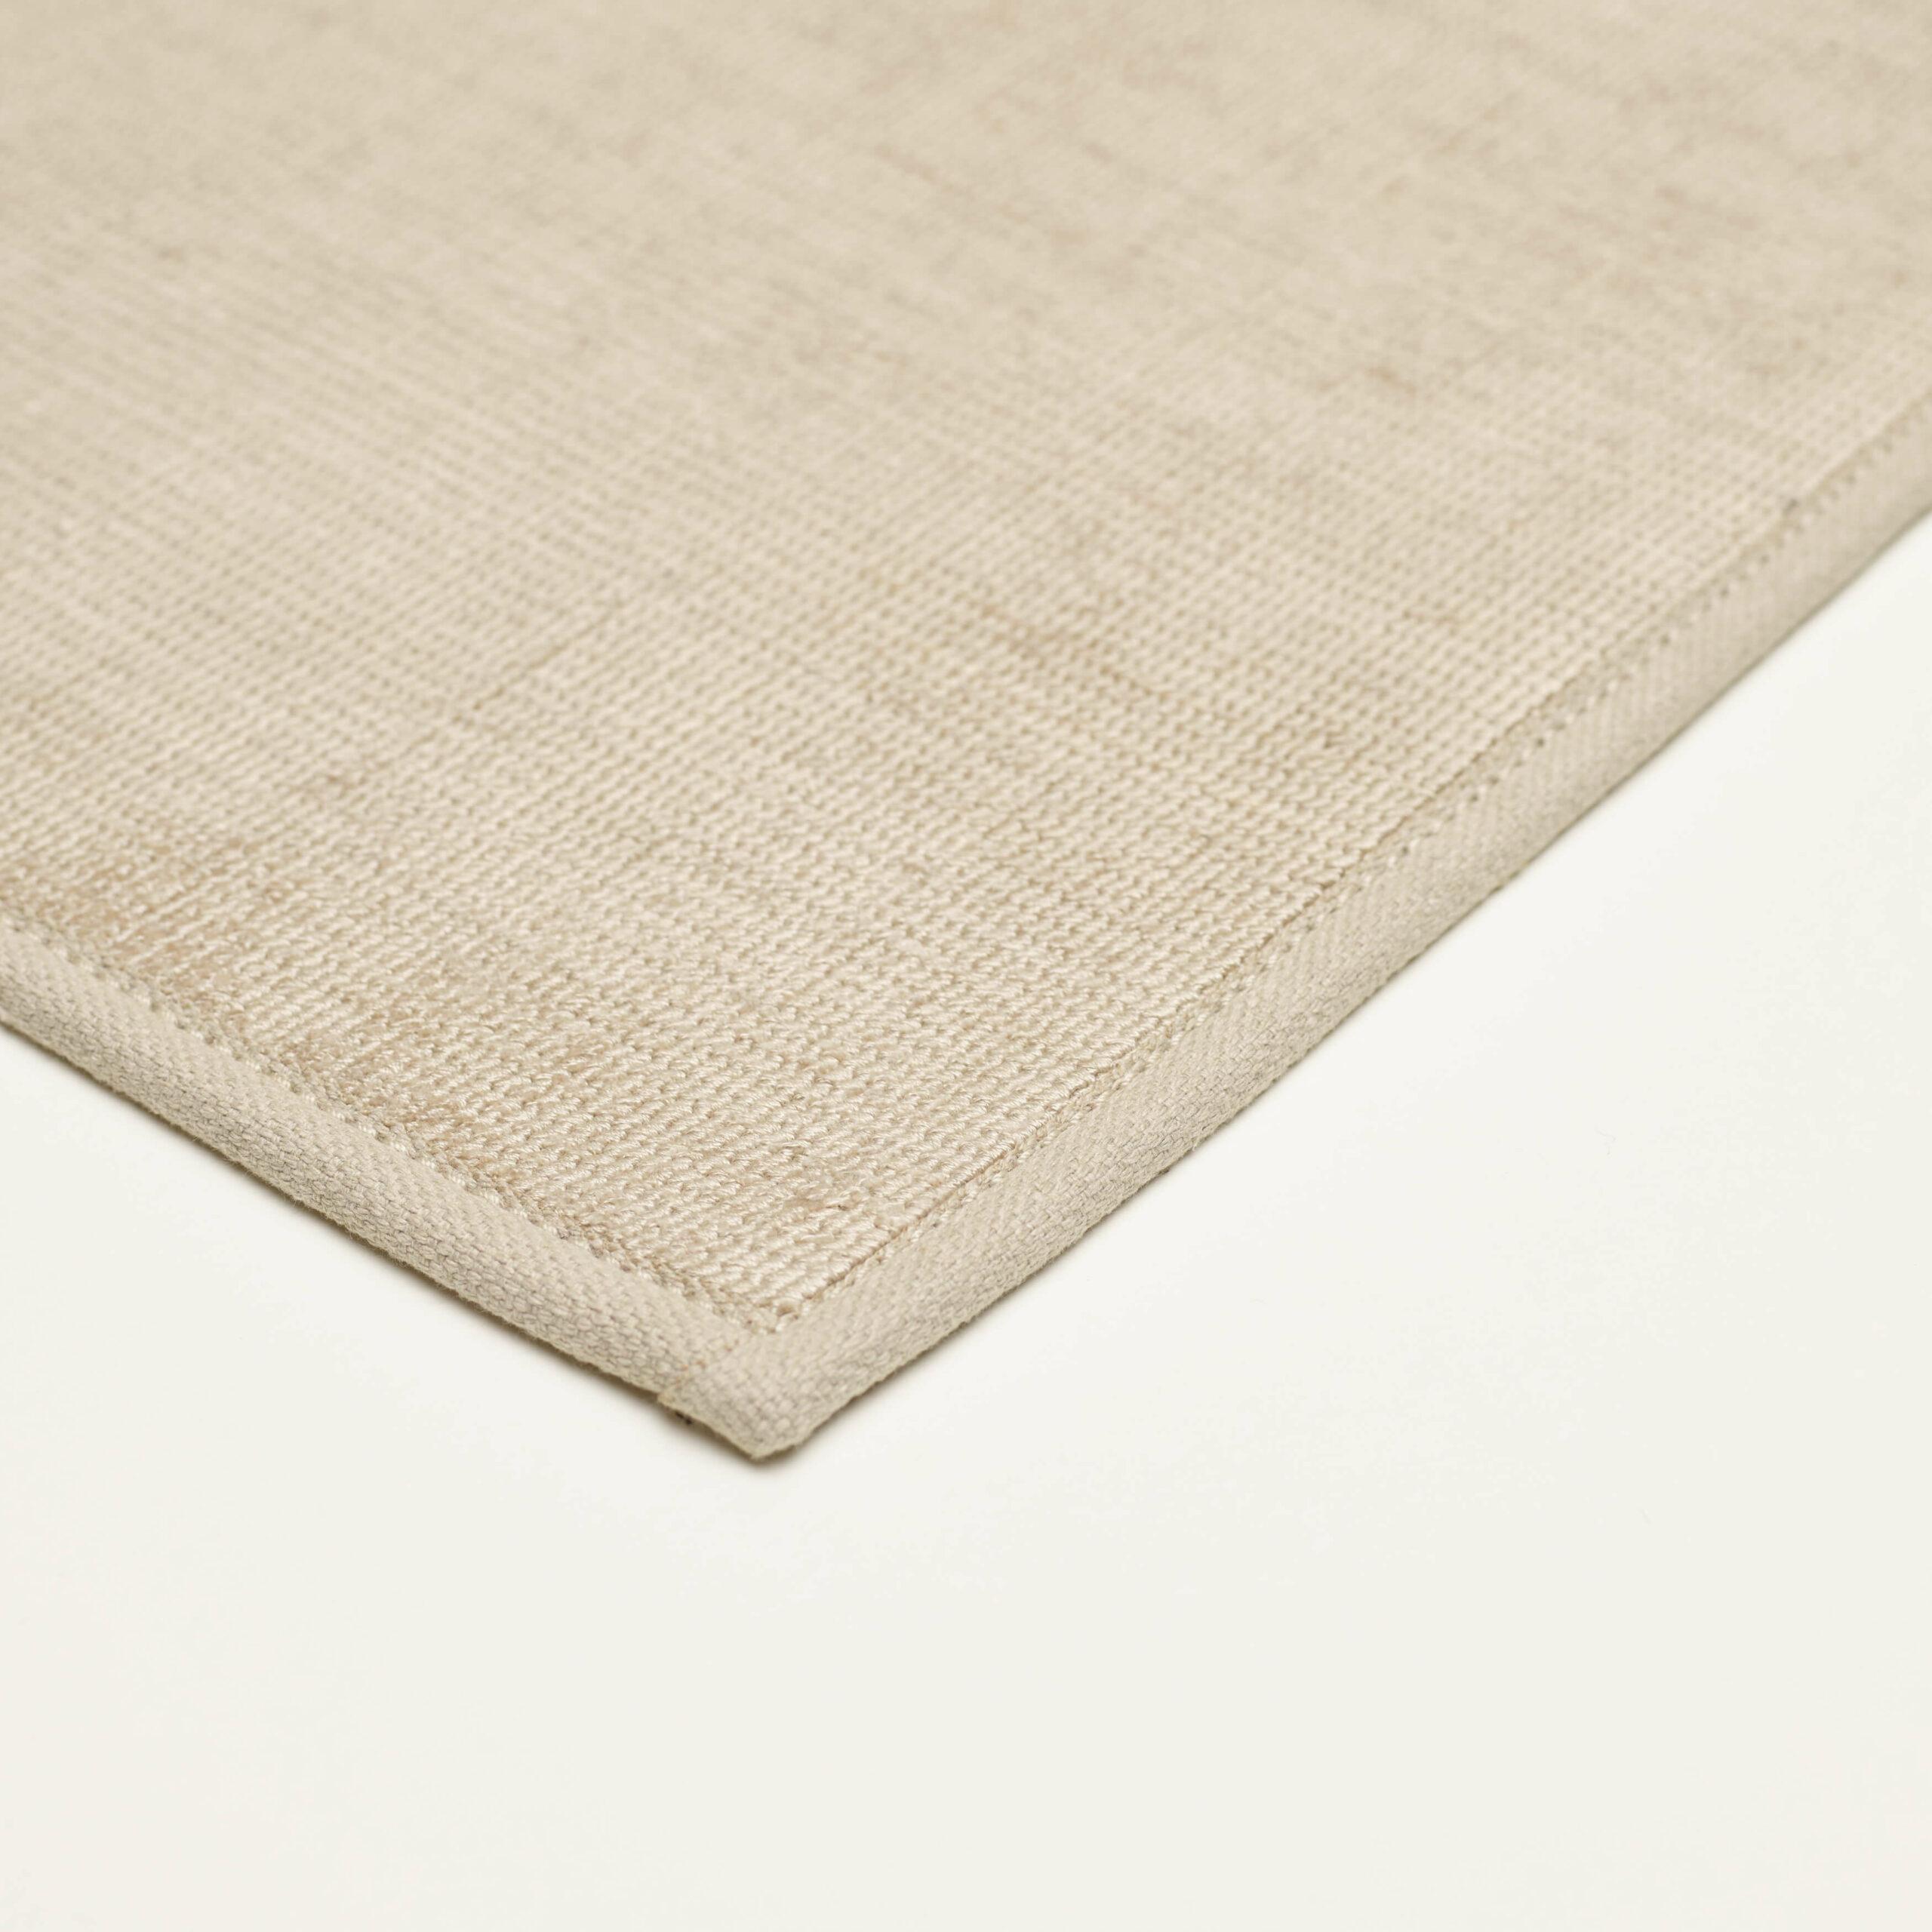 Finition bordure en coton - BOMAT | Tapis de Luxe, Sols en Moquette et Chemins d'Escalier Belges